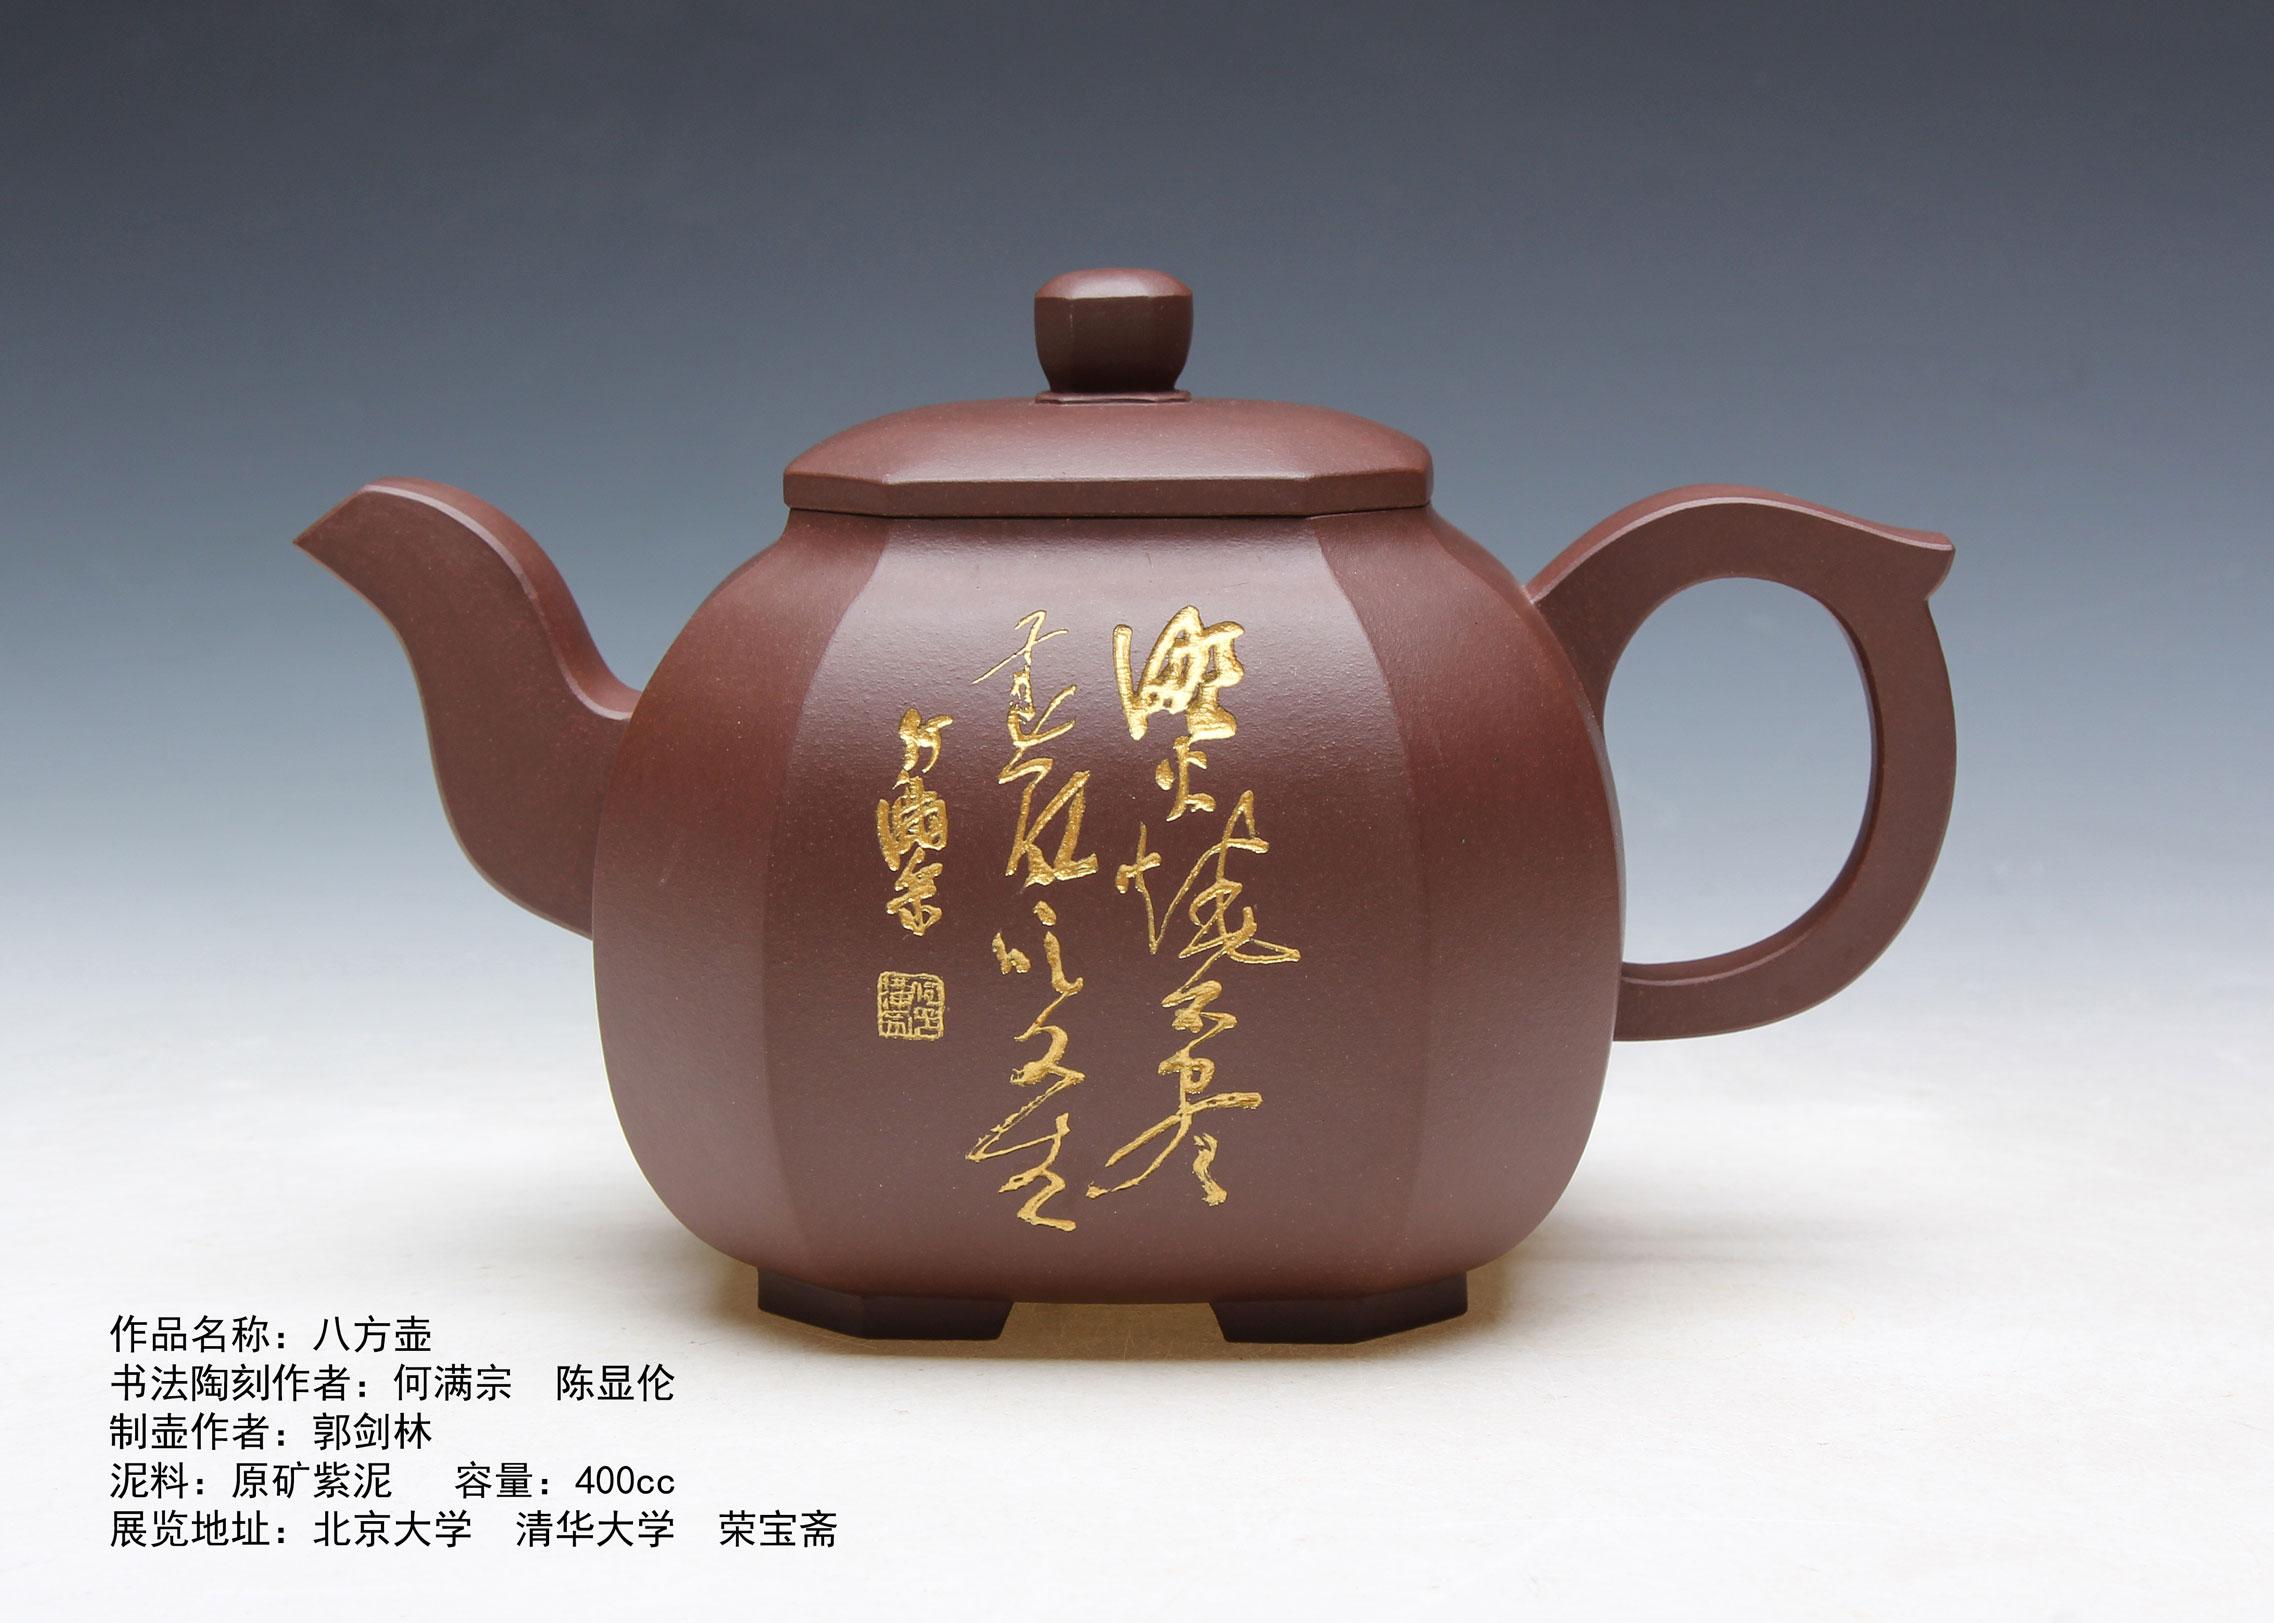 紫砂茶壺 陶刻家陳顯倫創作的八方壺